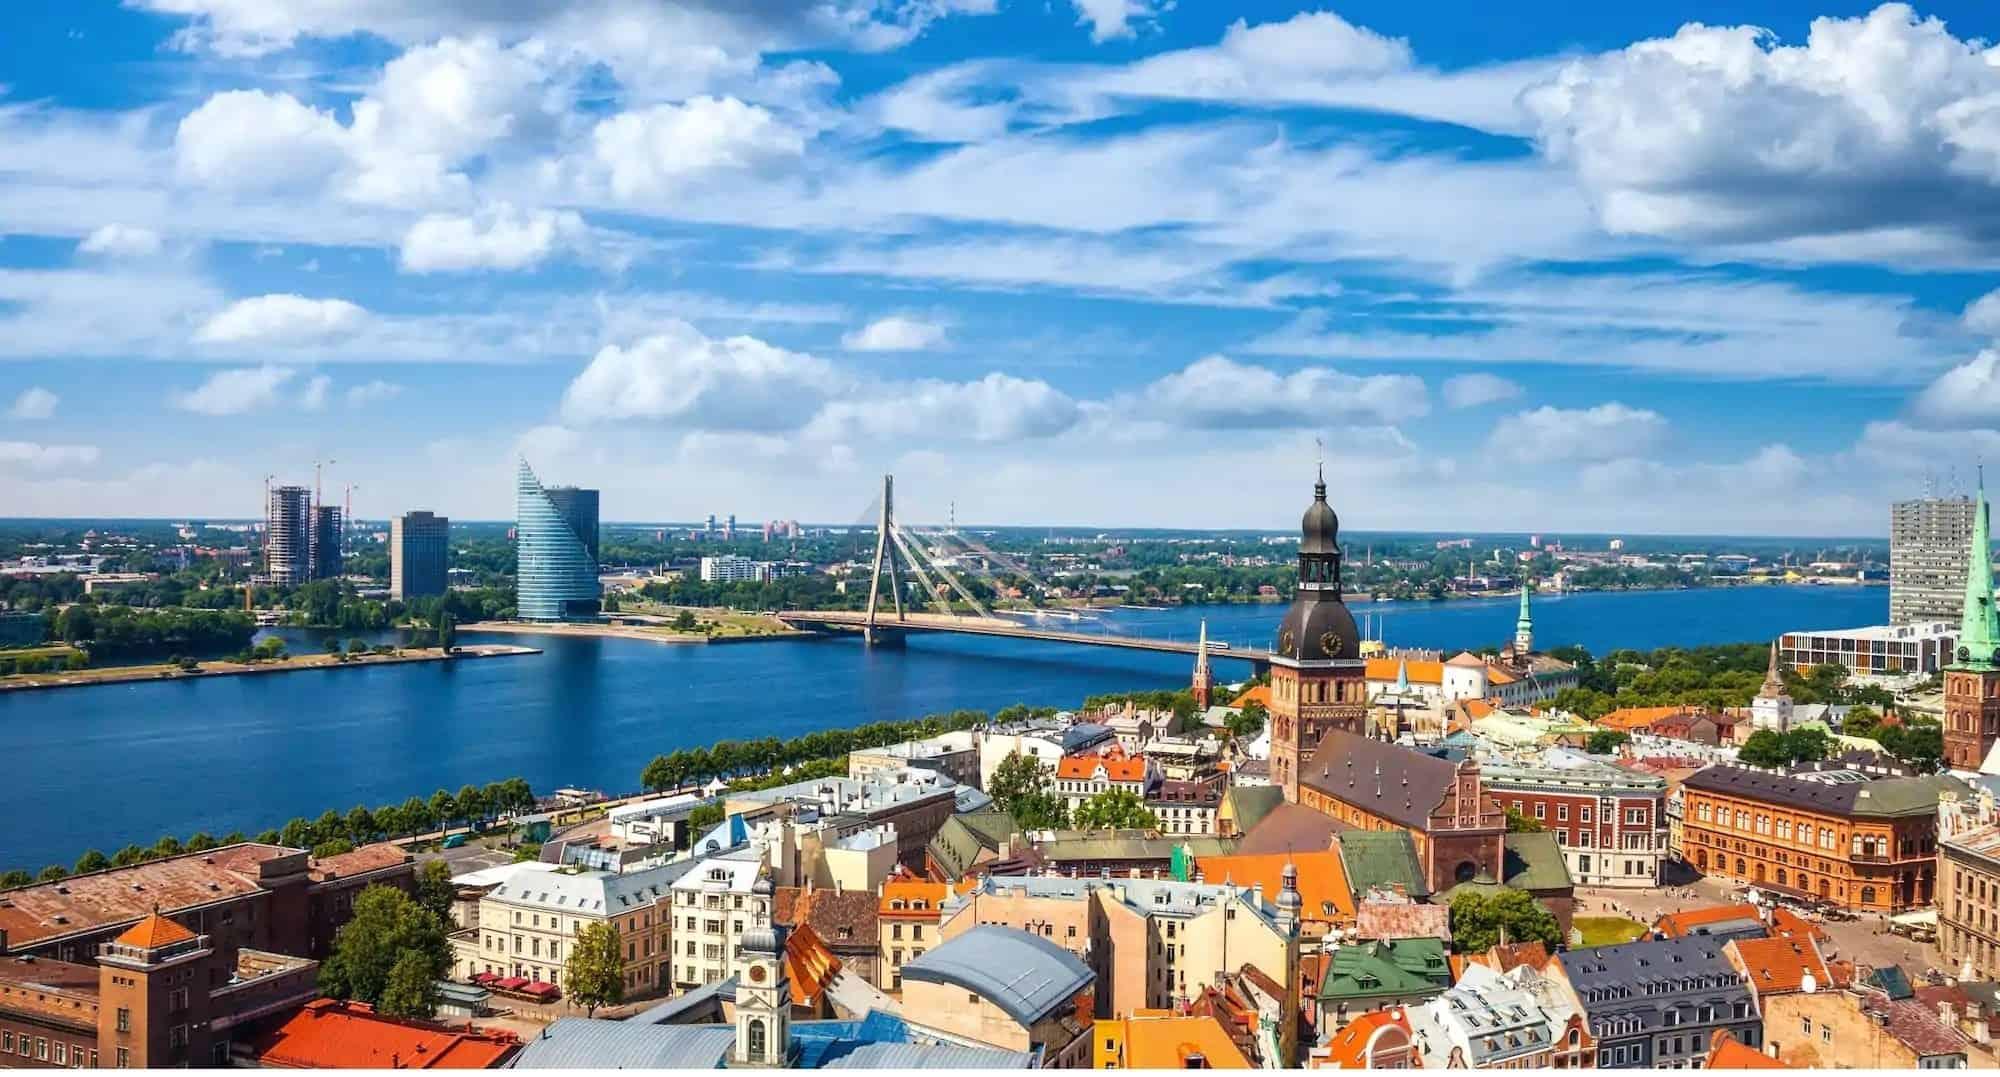 Chuyển phát nhanh đi Latvia giá rẻ tại EMSVietnam